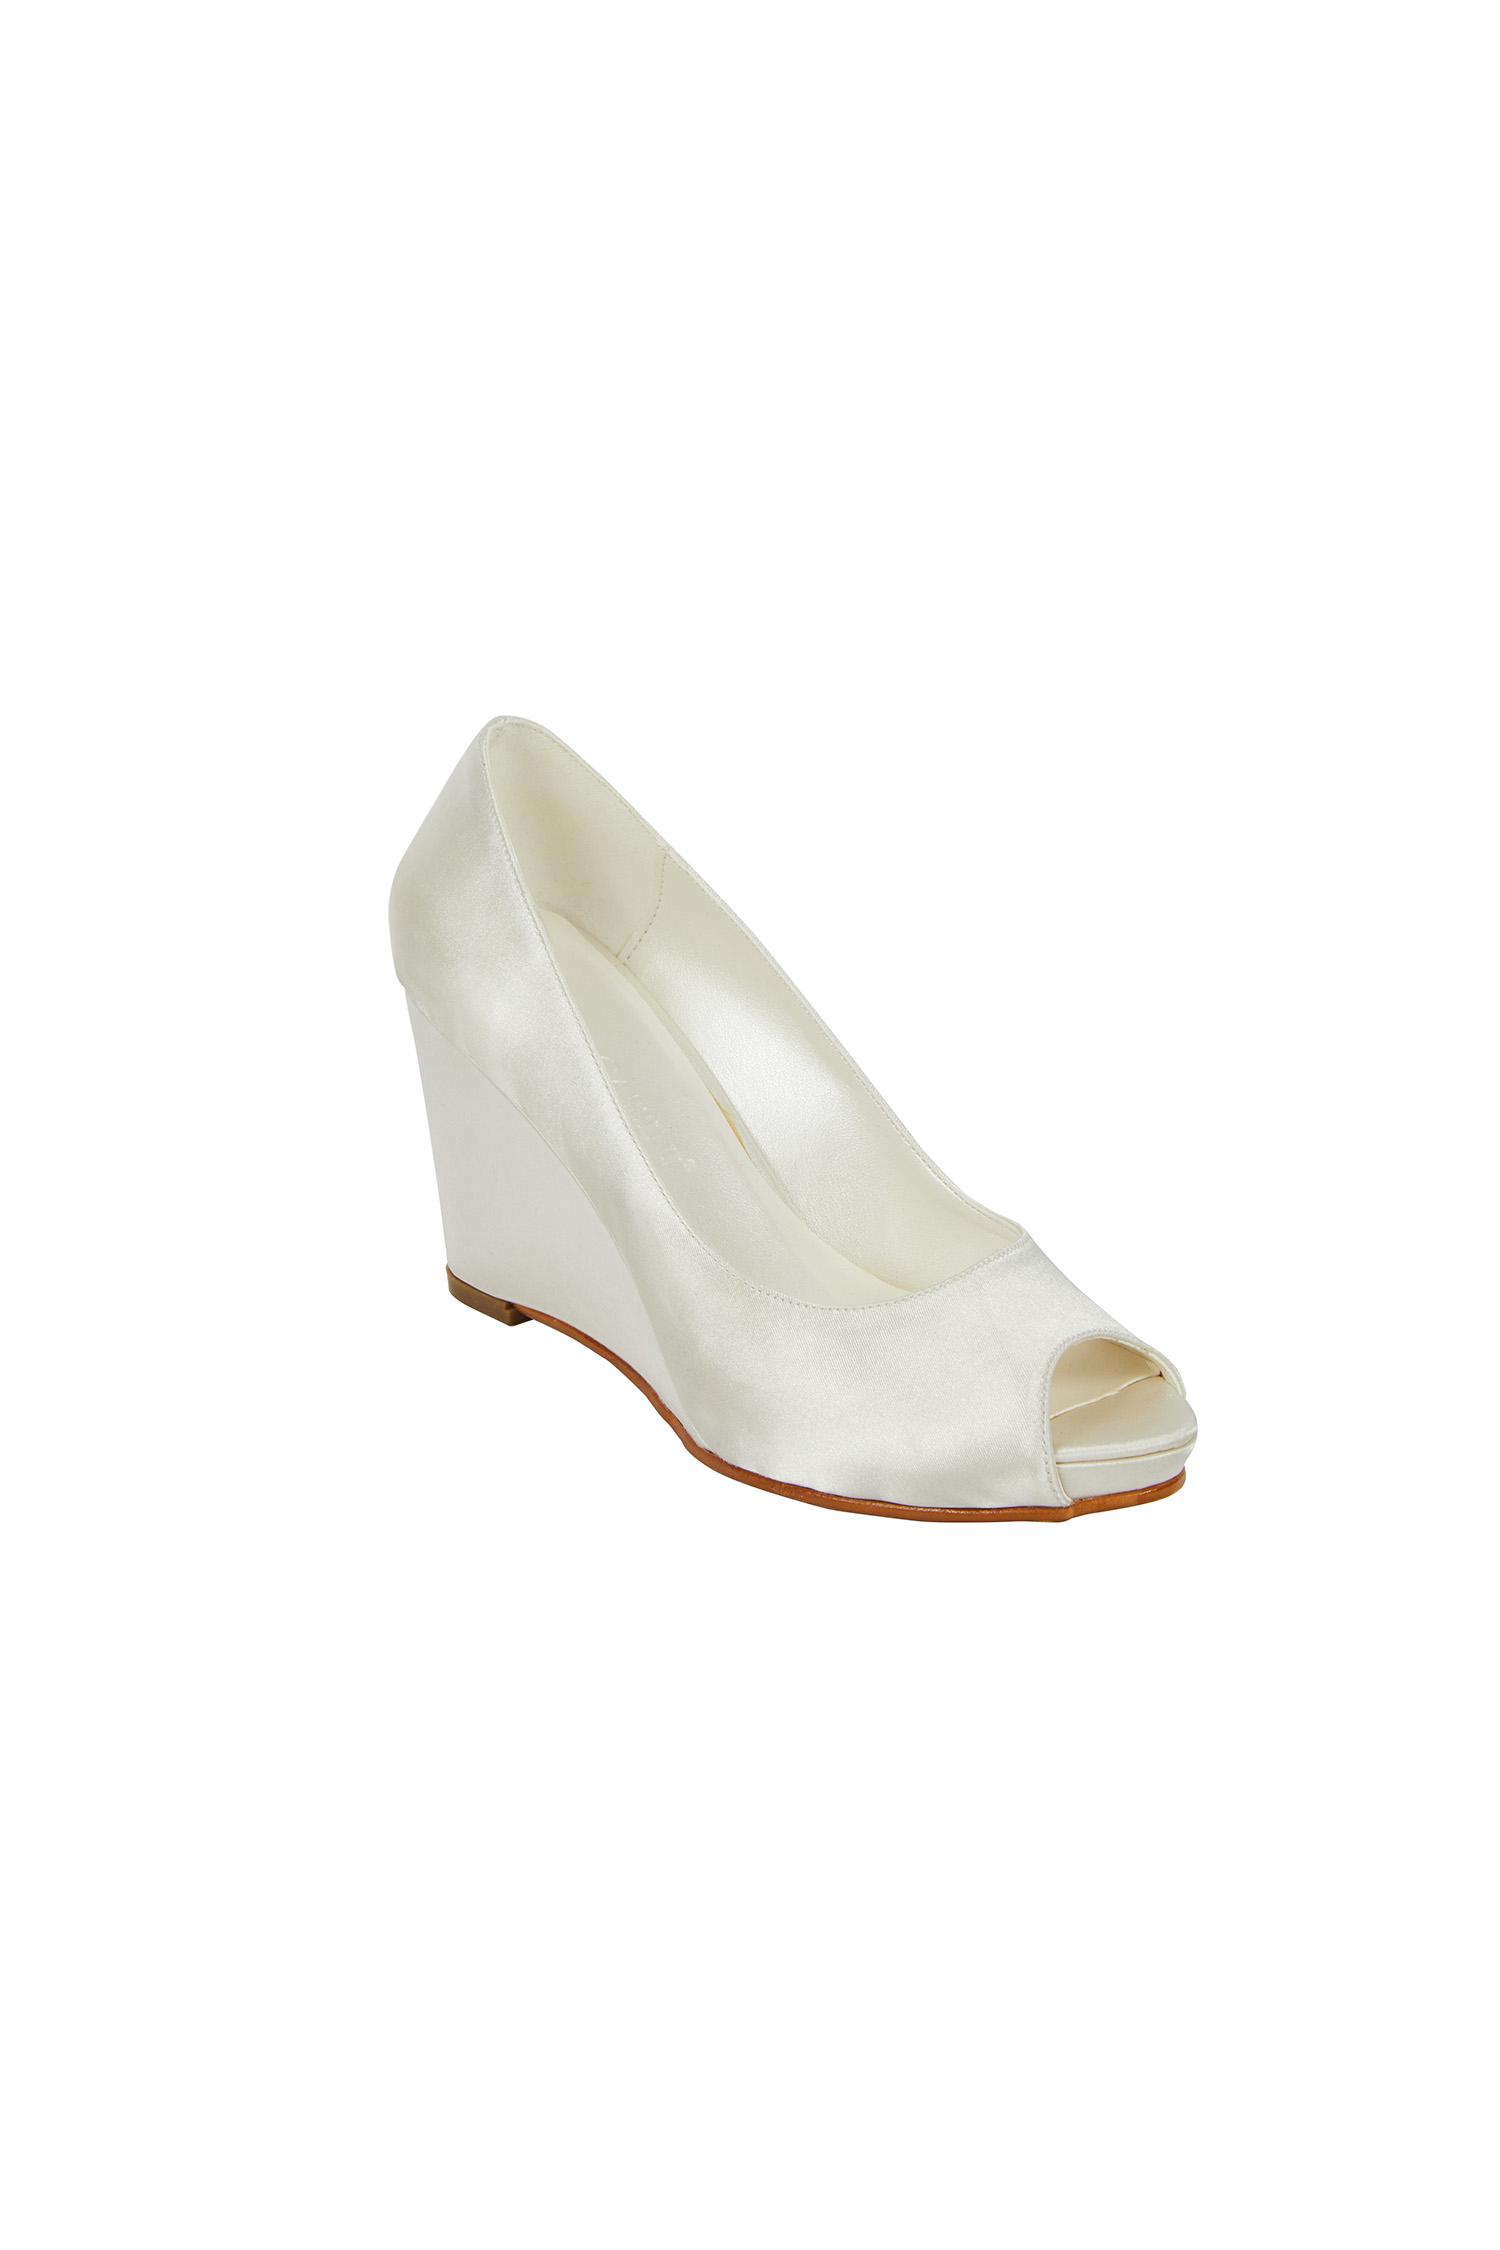 Dolgu Topuk Kırık Beyaz Gelin Ayakkabısı